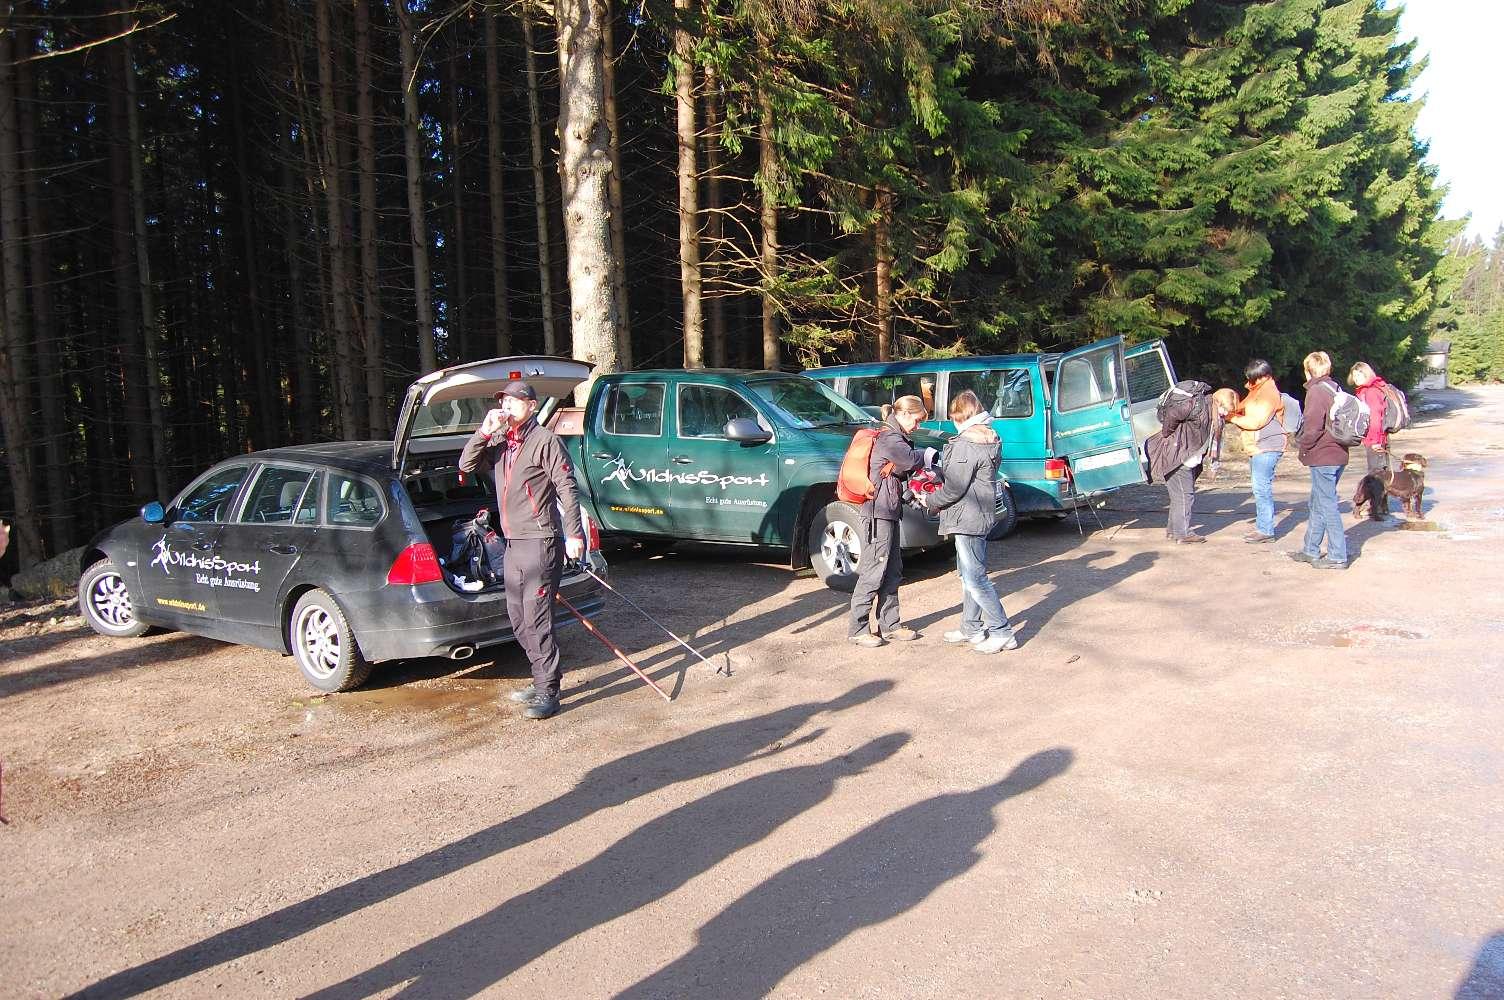 Wildnissport Sammelpunkt in Schierke